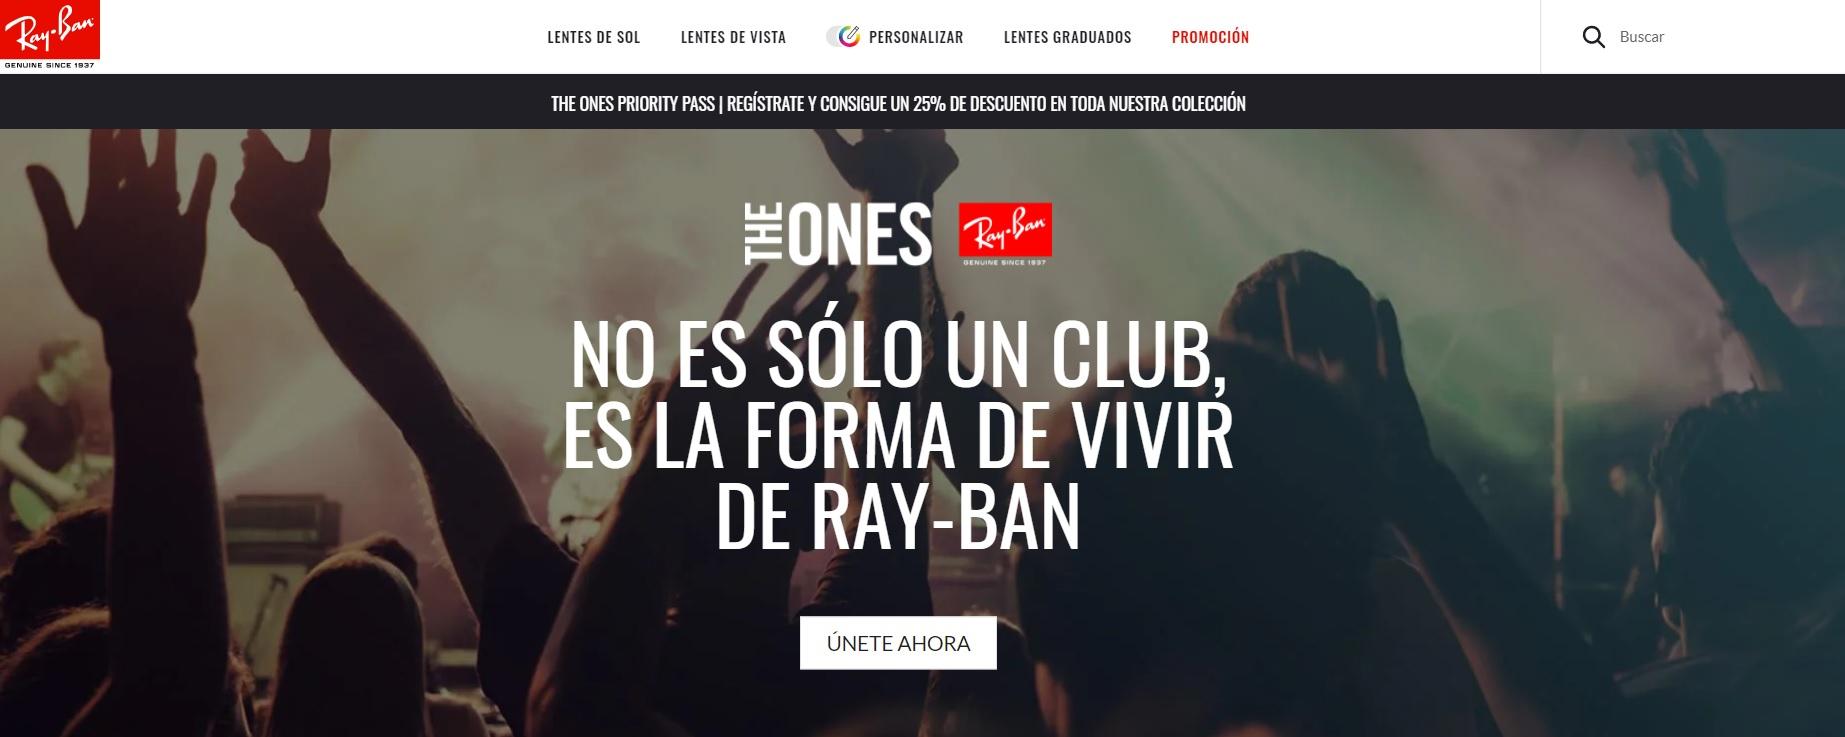 Ray-Ban 25% de descuento al registrarse en The Ones (Tienda digital y física)